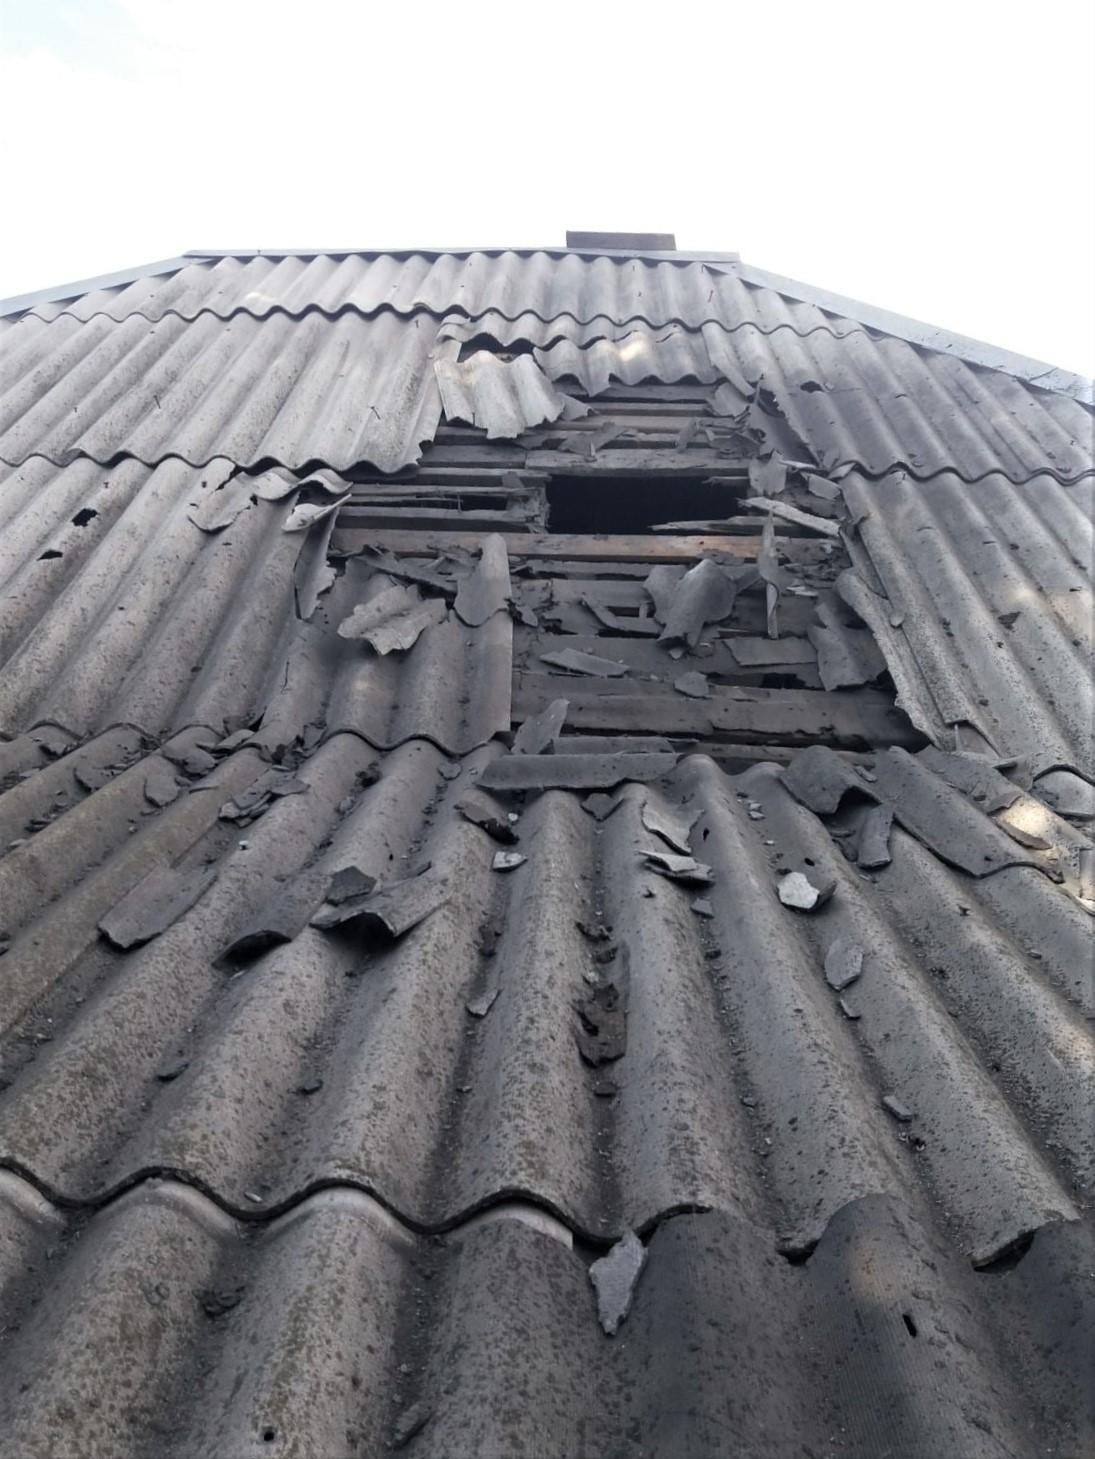 пошкоджений дах будинку влучання у будинок ООС обстріл на Донбасі